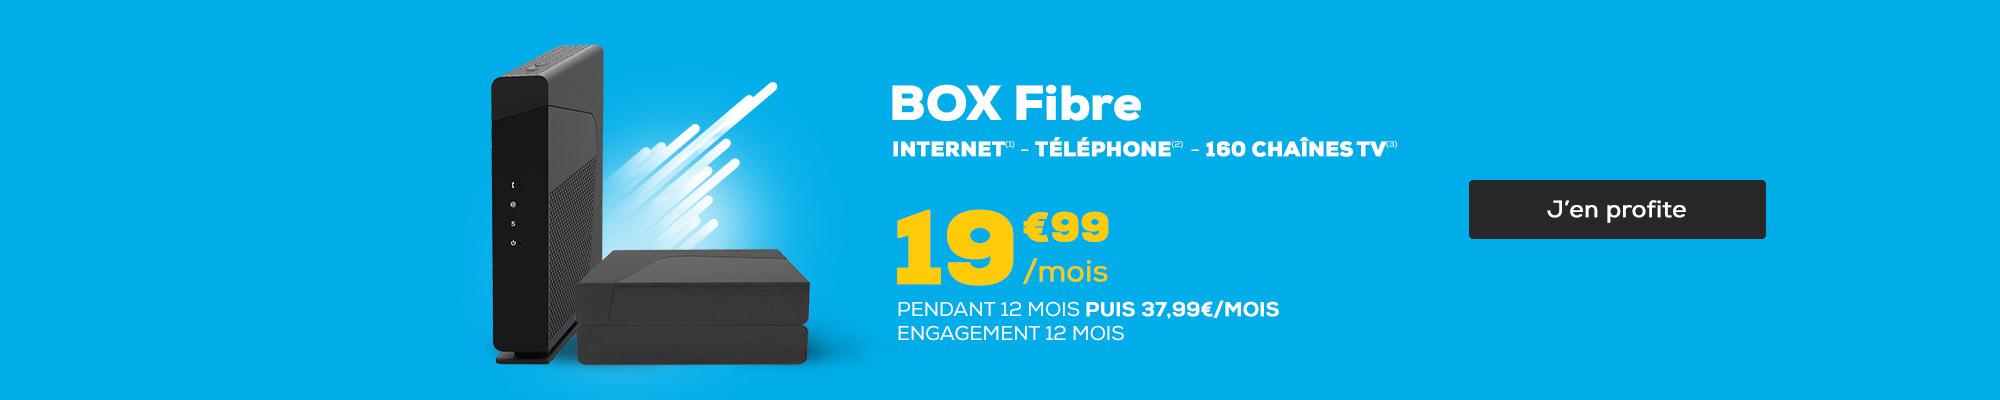 L'offre du moment - Box ADSL et THD 14,99€ / mois pendant 12 mois